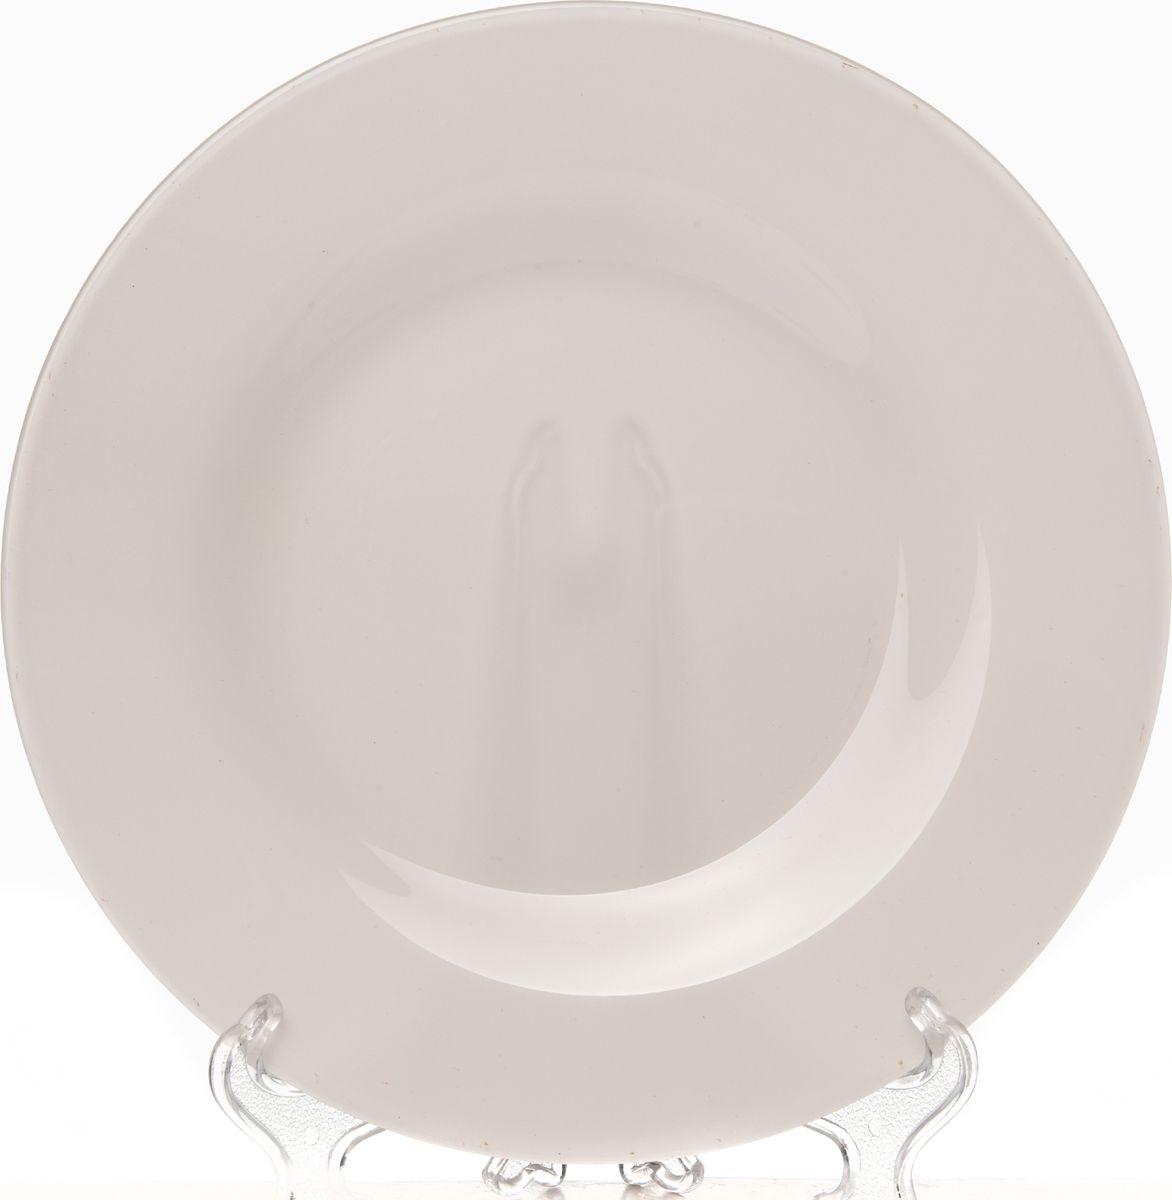 Тарелка Pasabahce БОХО, цвет: розовый, 26 см. 2881310328SLBD43Тарелка обеденная из упрочненного стекла розового цвета d=260 мм